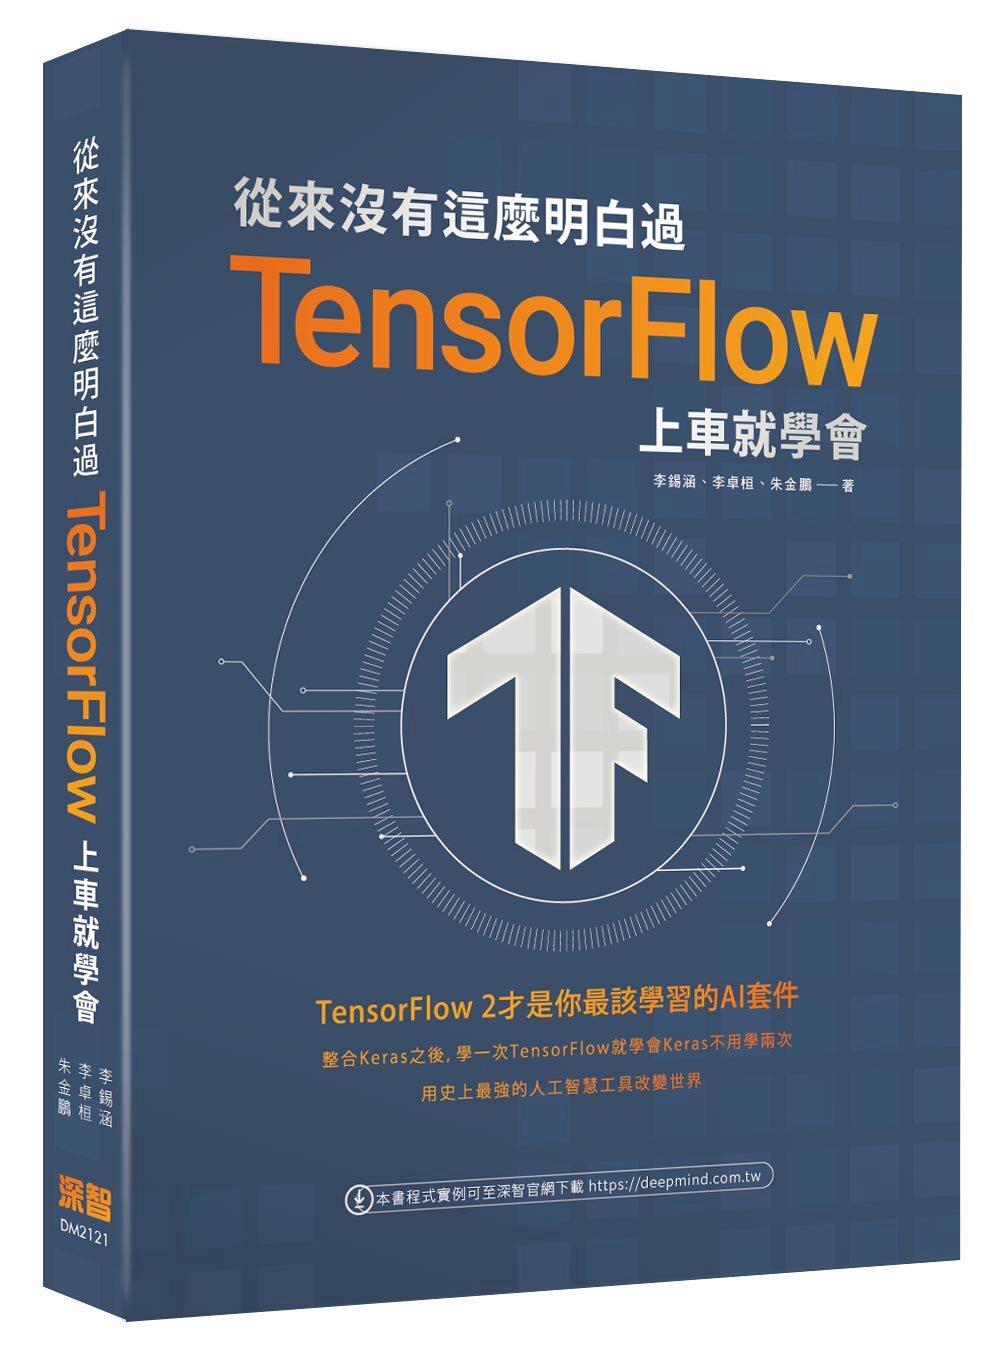 從來沒有這麼明白過:TensorFlow 上車就學會